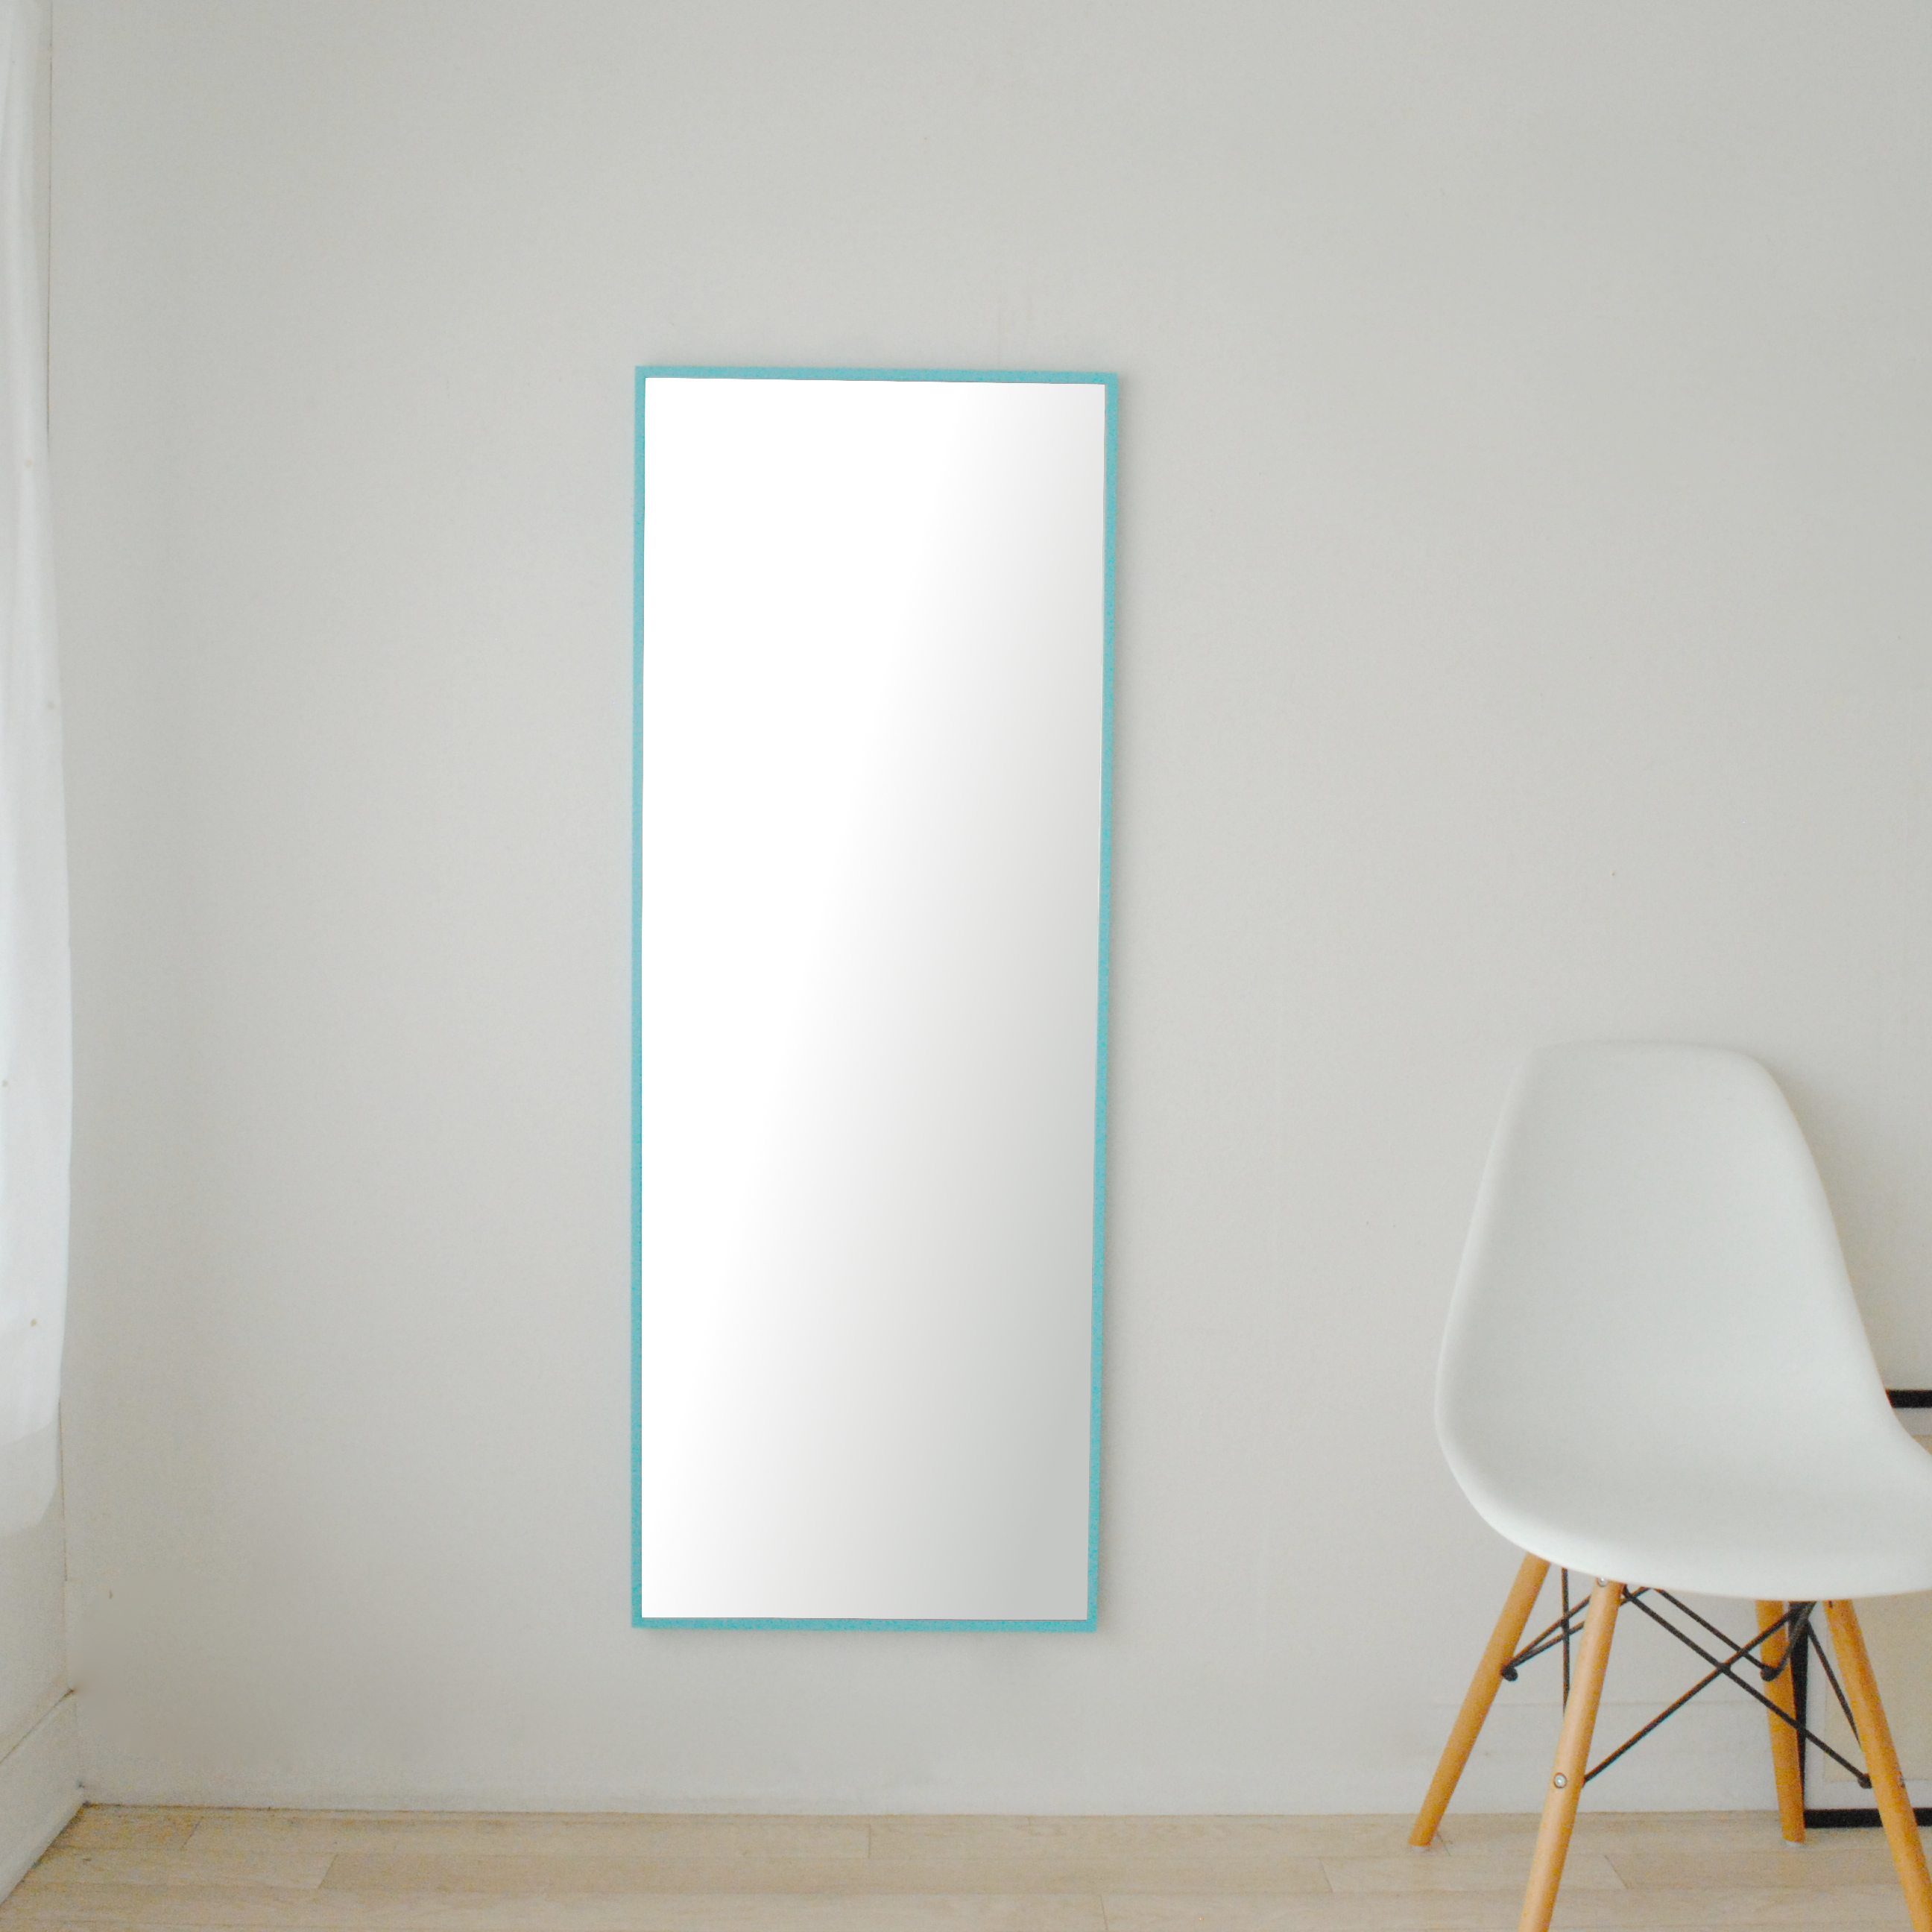 リブラ 46x122cm 全12色 姿見 壁掛けミラー 全身鏡 (通常便商品)